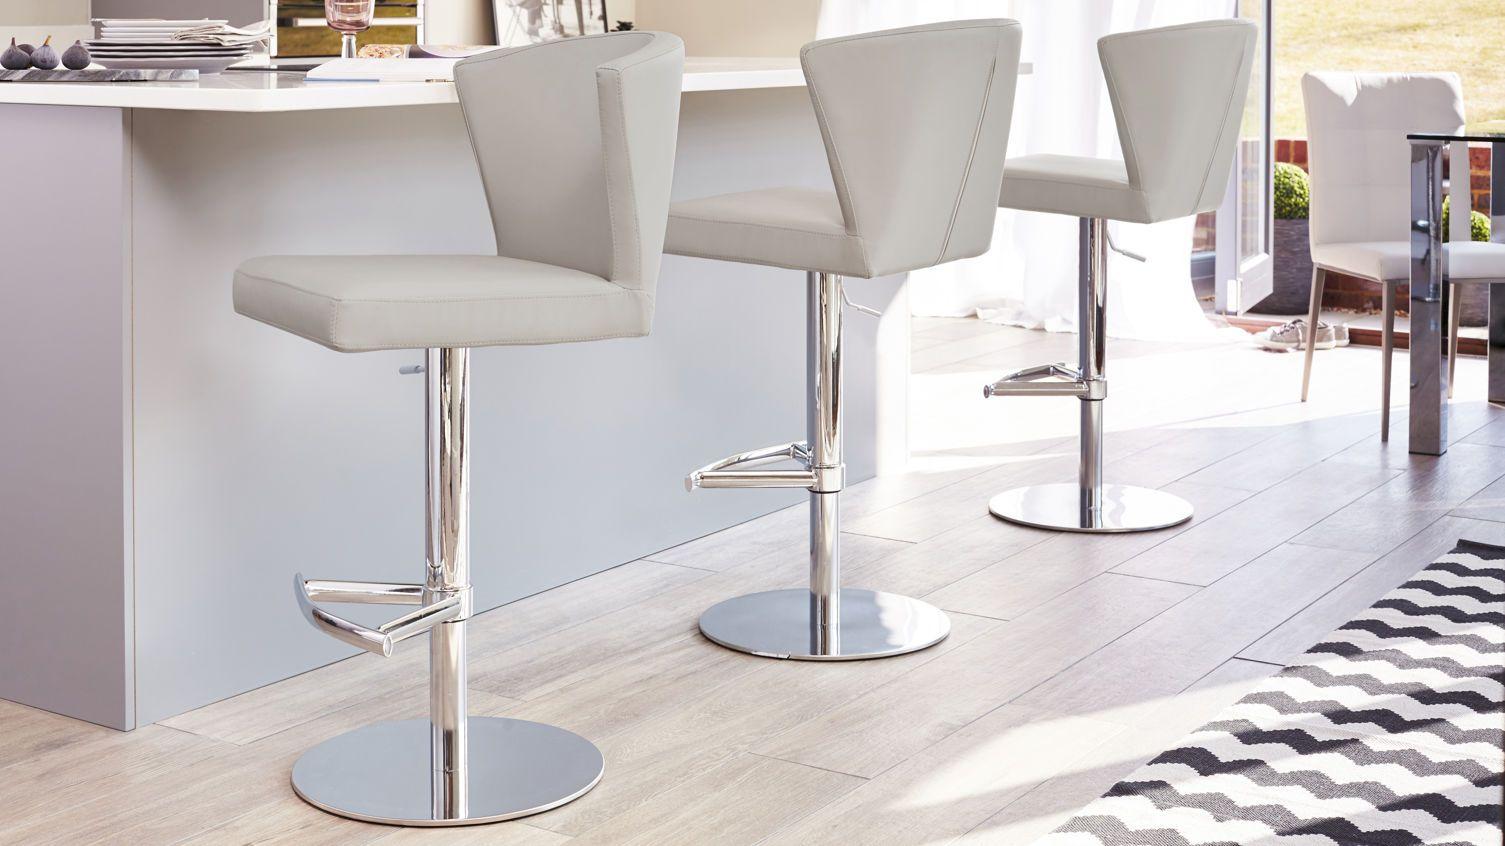 T geformte kücheninsel-designs mit sitzgelegenheiten moderne barhocker ohne armlehnen best unglaubliches bild der